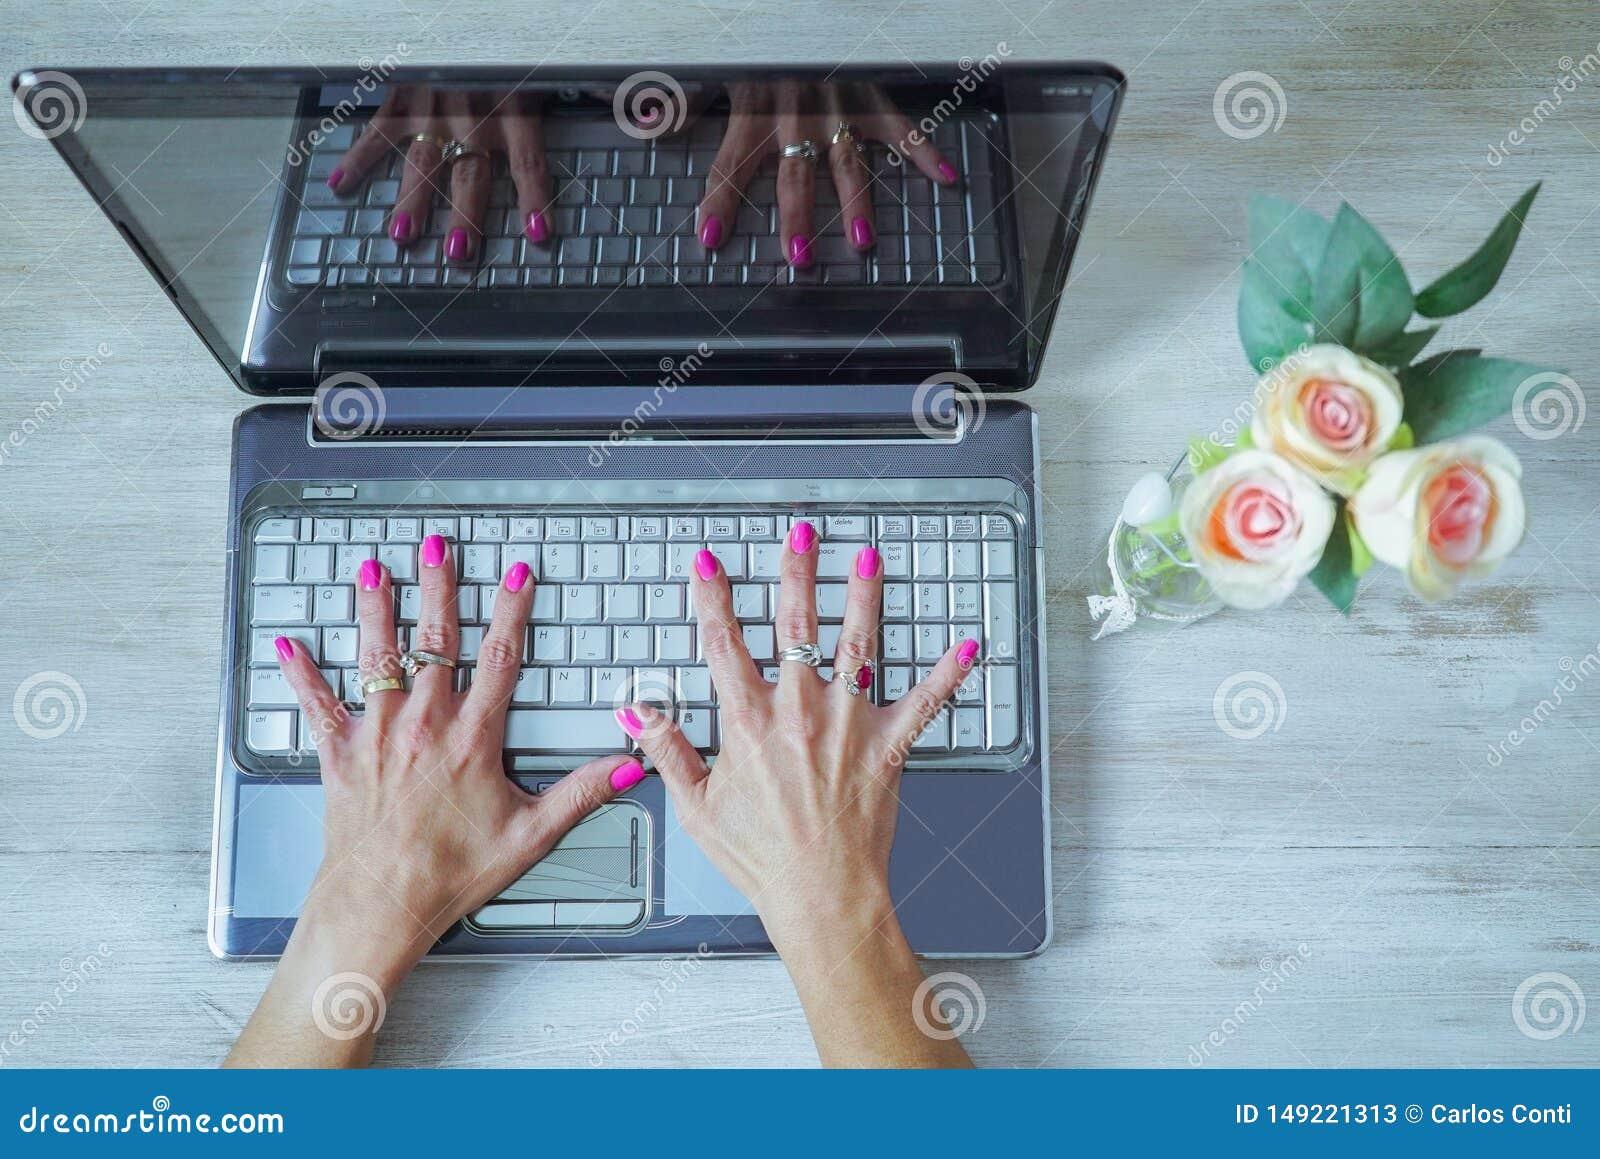 Las manos de la mujer hermosa con los clavos pintados abiertos en un teclado de ordenador